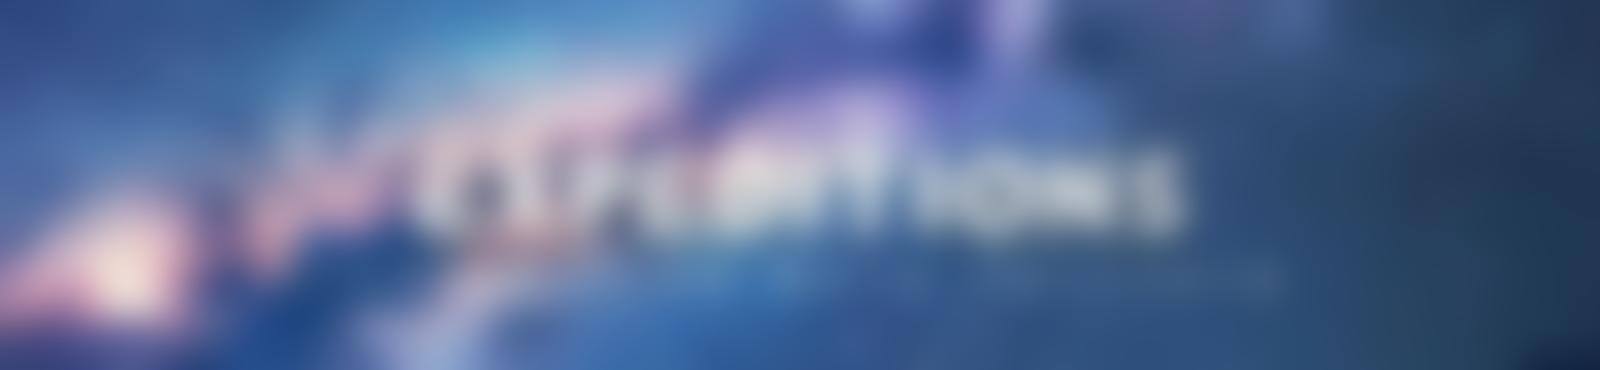 Blurred c5b2be3e f7f3 4088 adeb e3c13e58d377